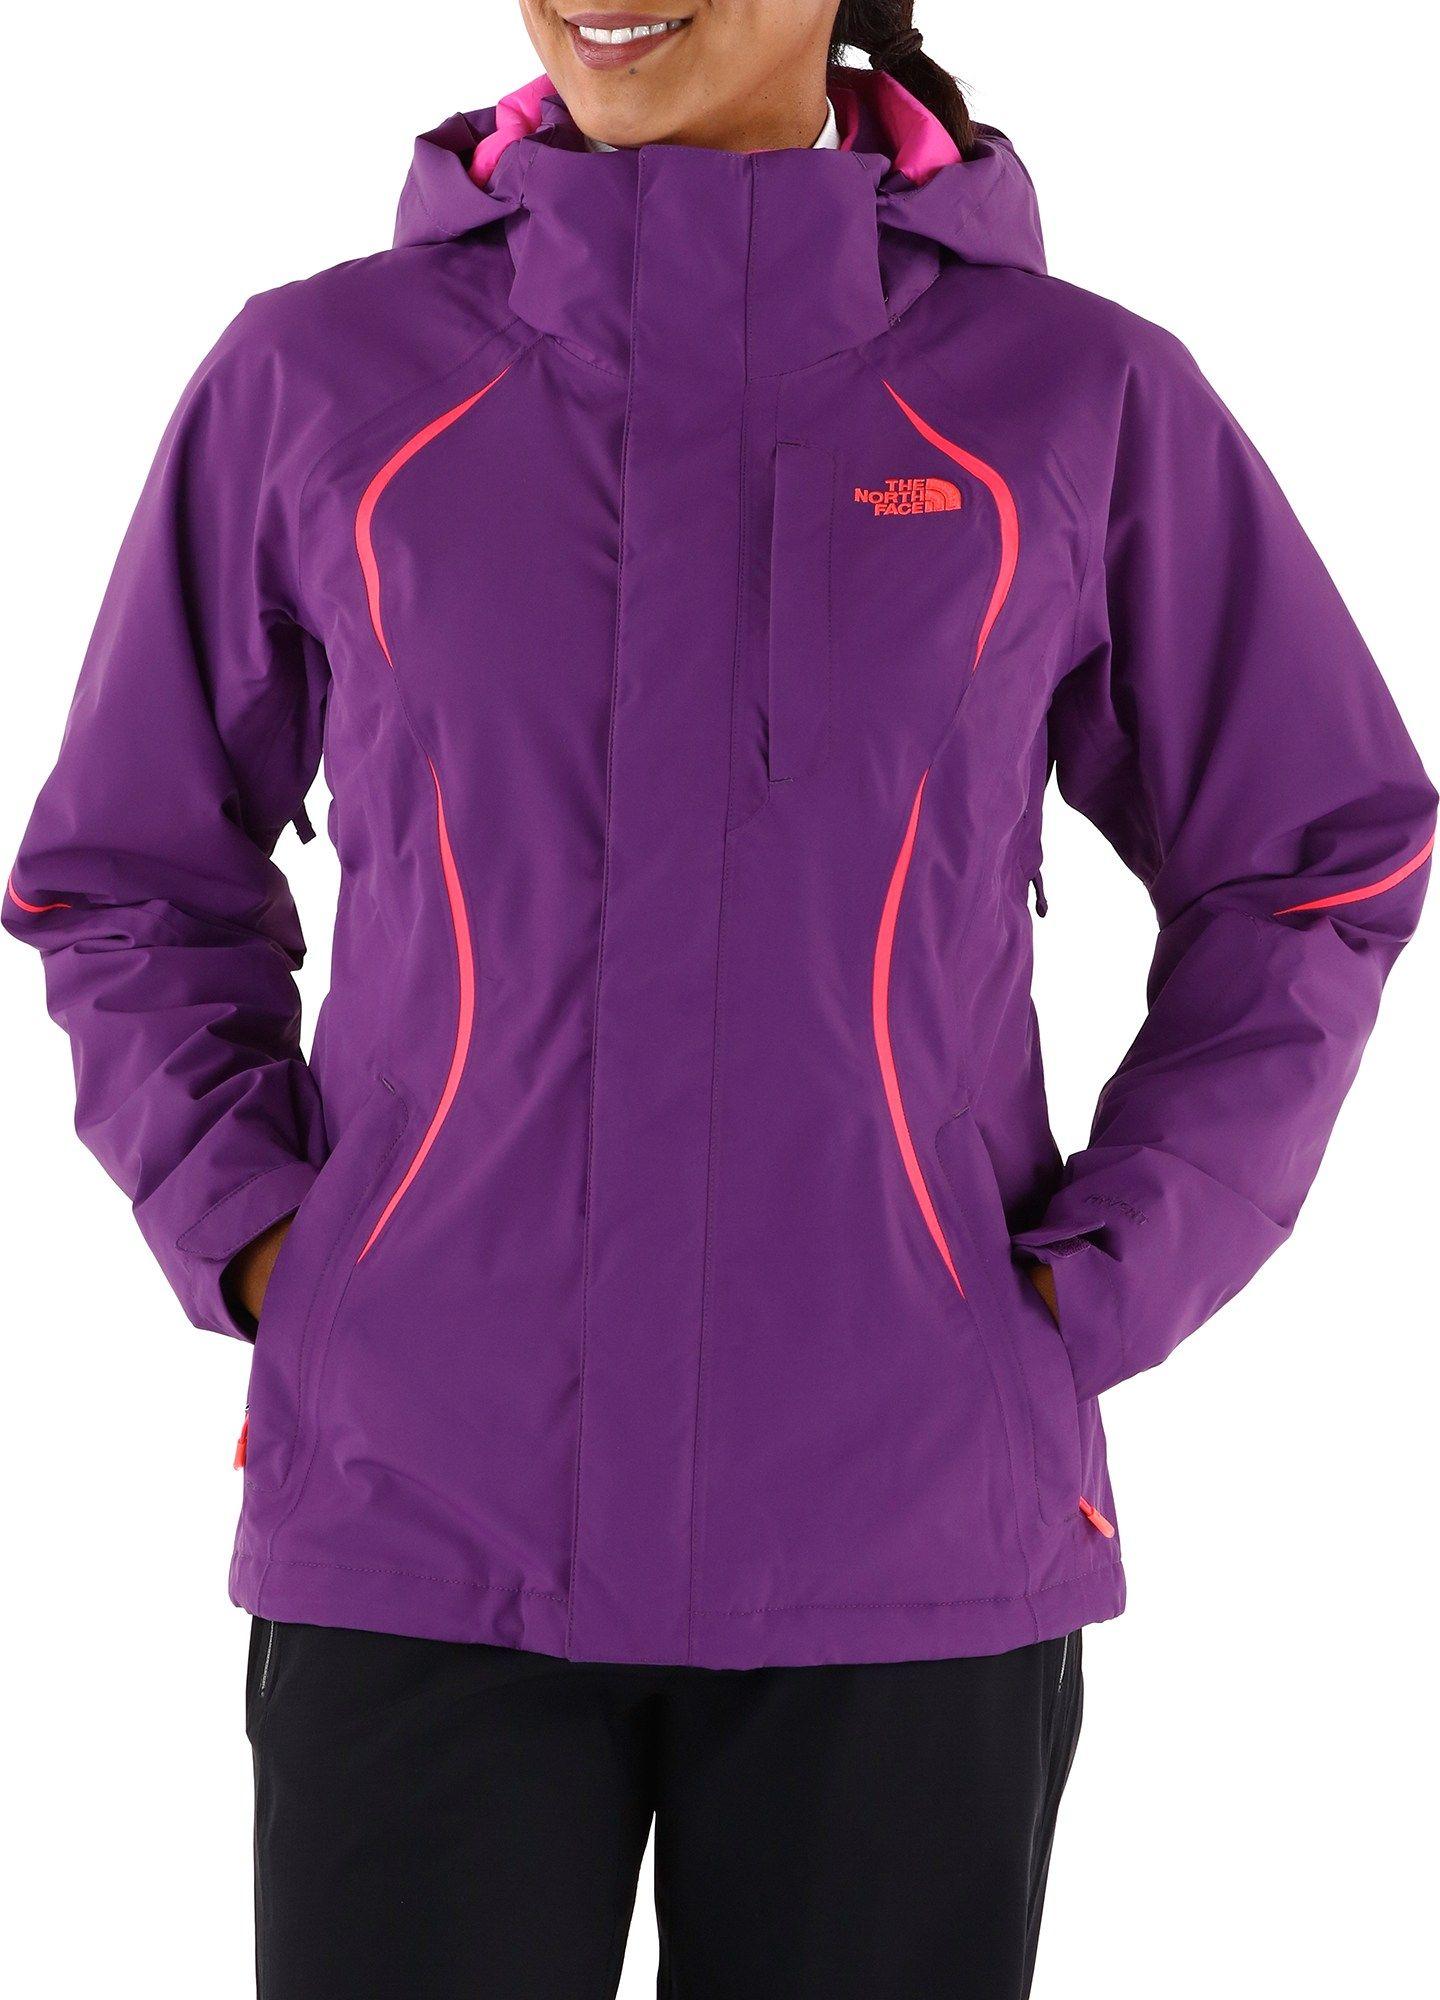 The North Face Catherine Jacket Women S Rei Co Op Jackets For Women Jackets Women [ 2000 x 1440 Pixel ]